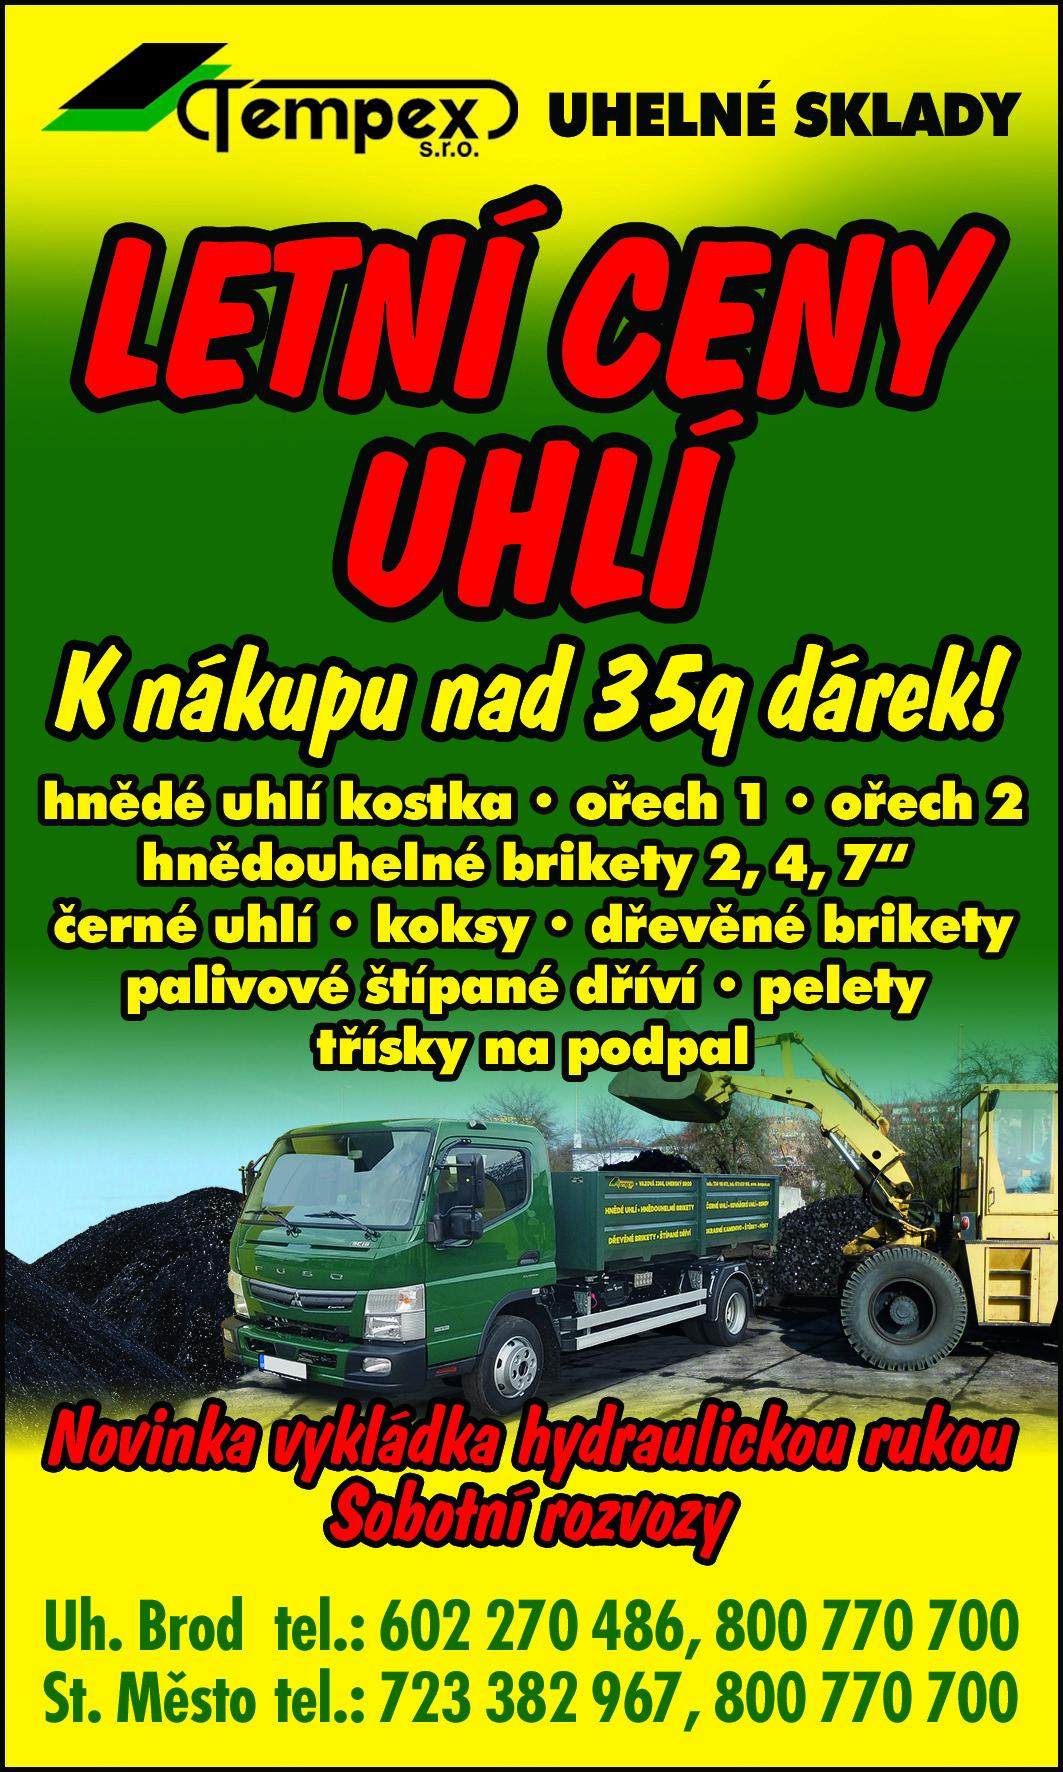 Letní ceny uhlí !!!